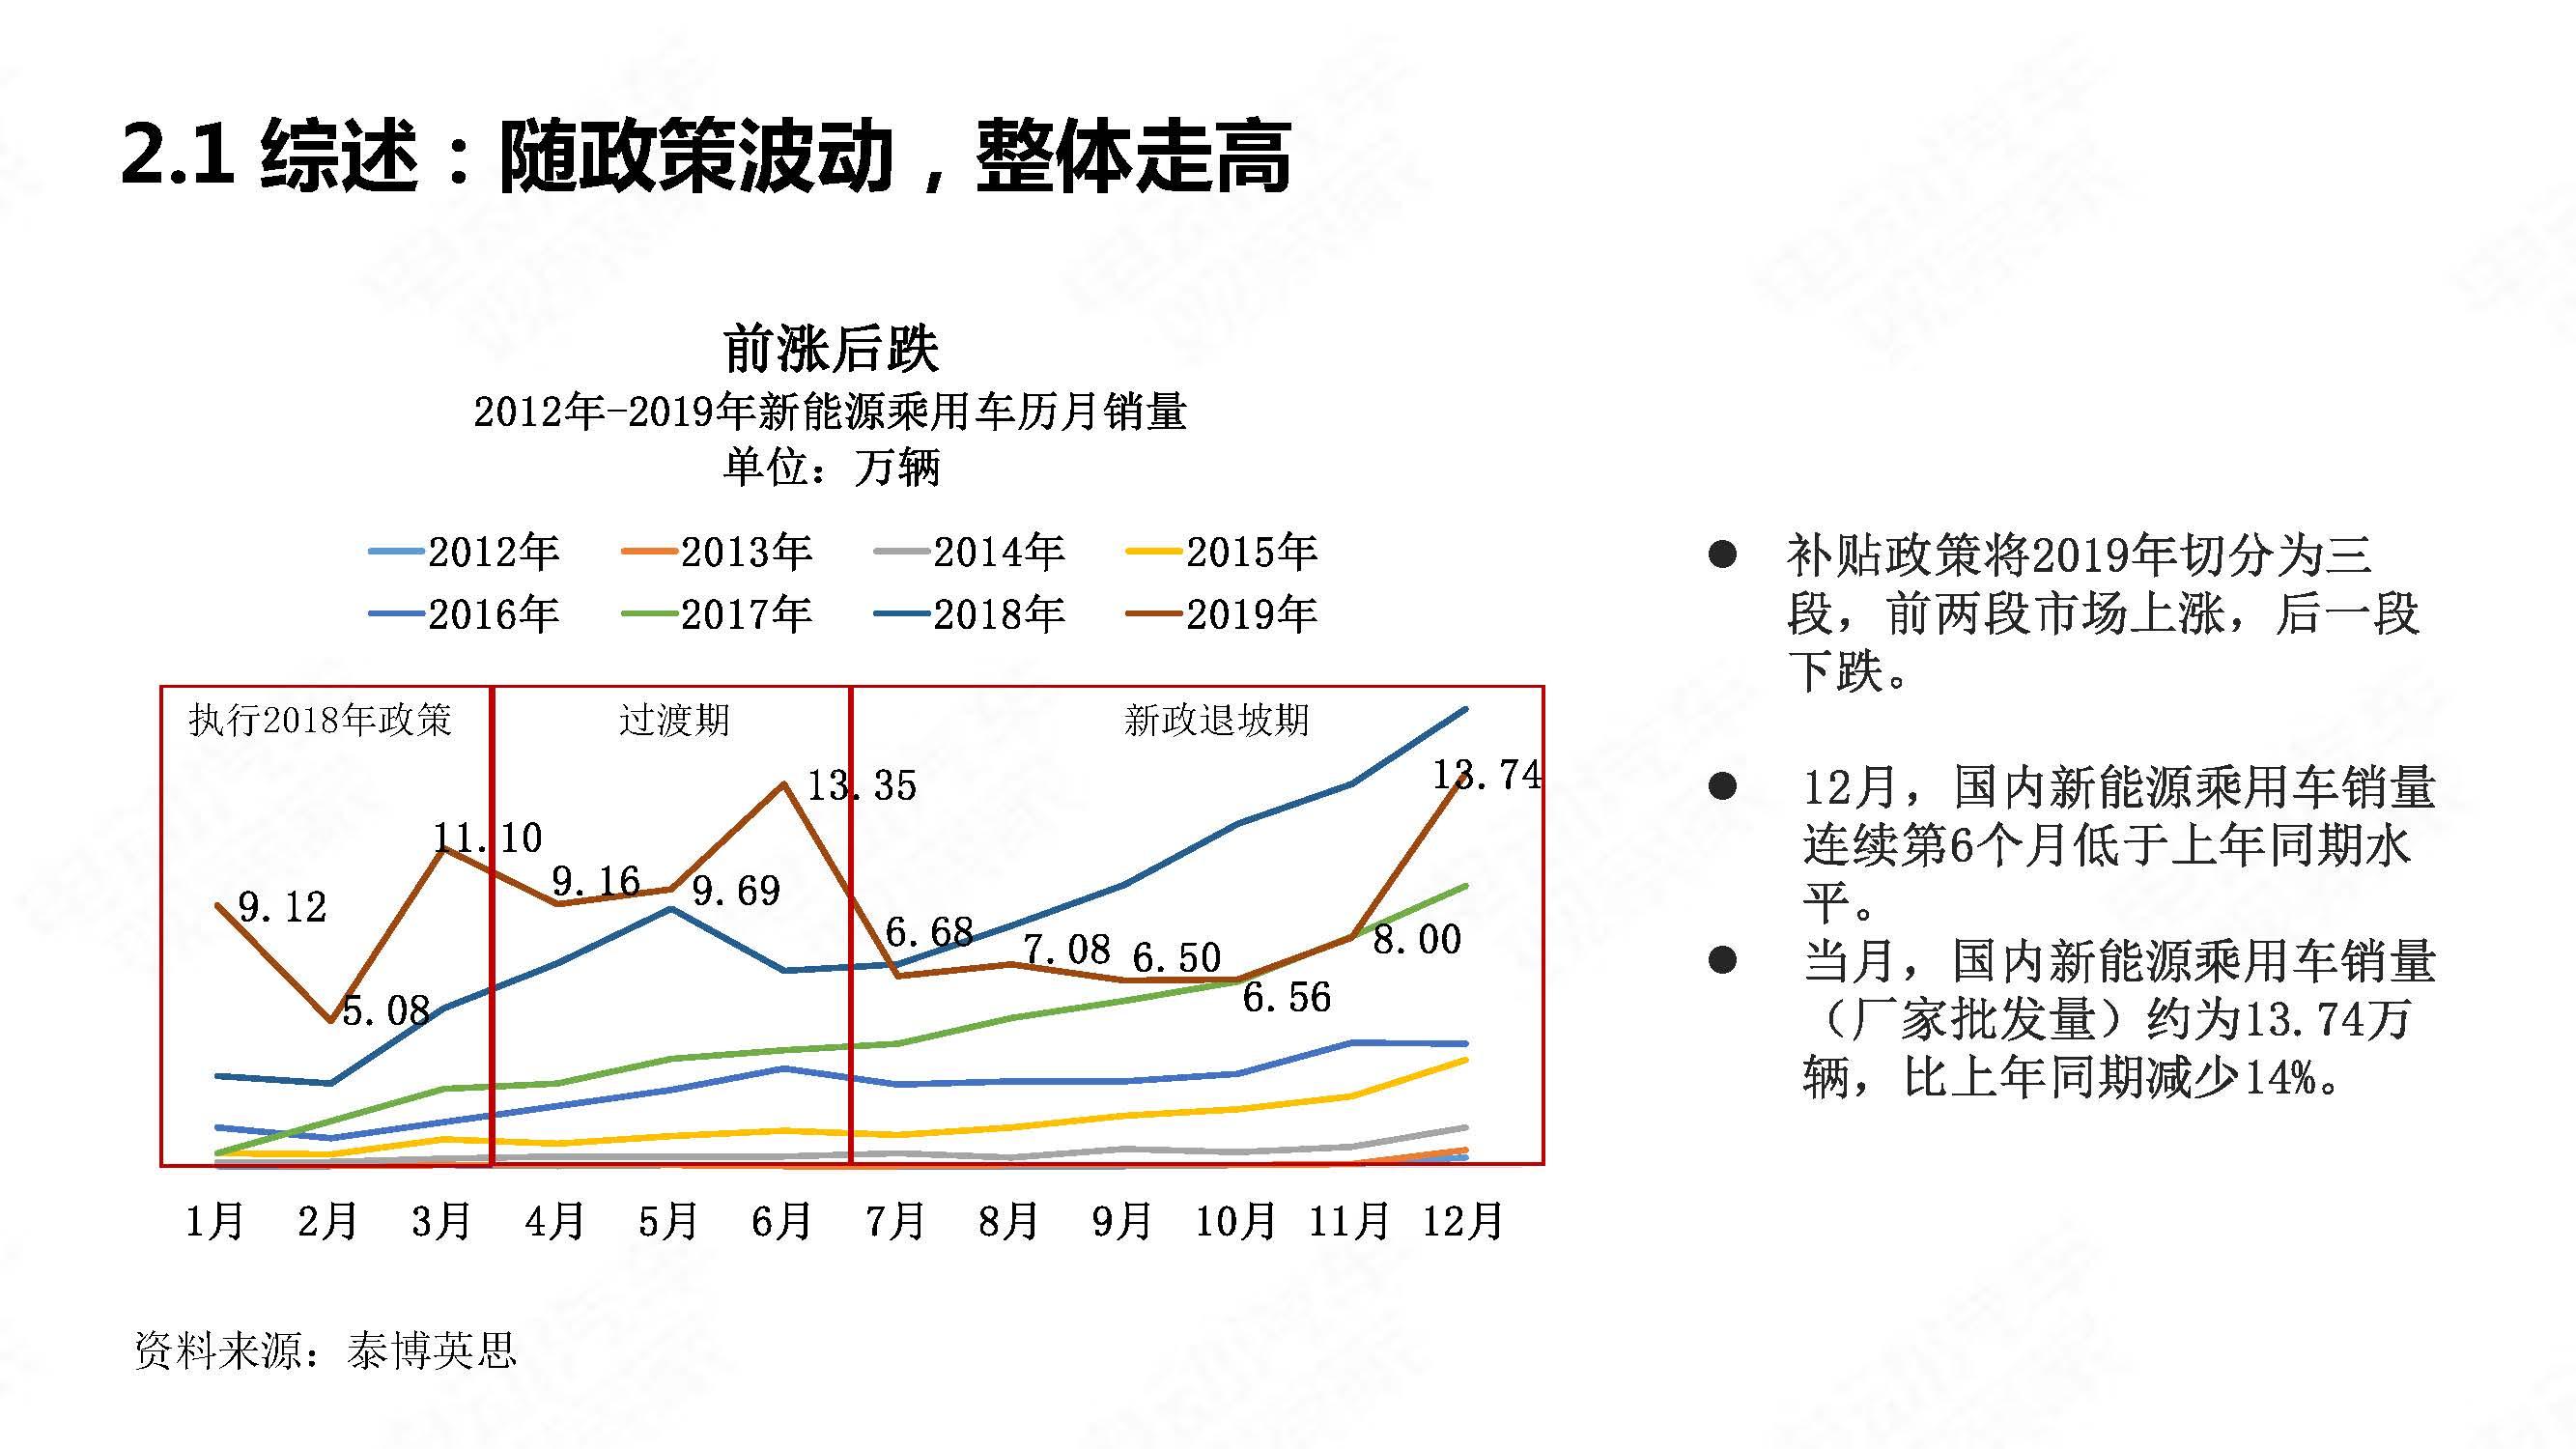 中国新能源汽车产业年度观察2020 简版_页面_08